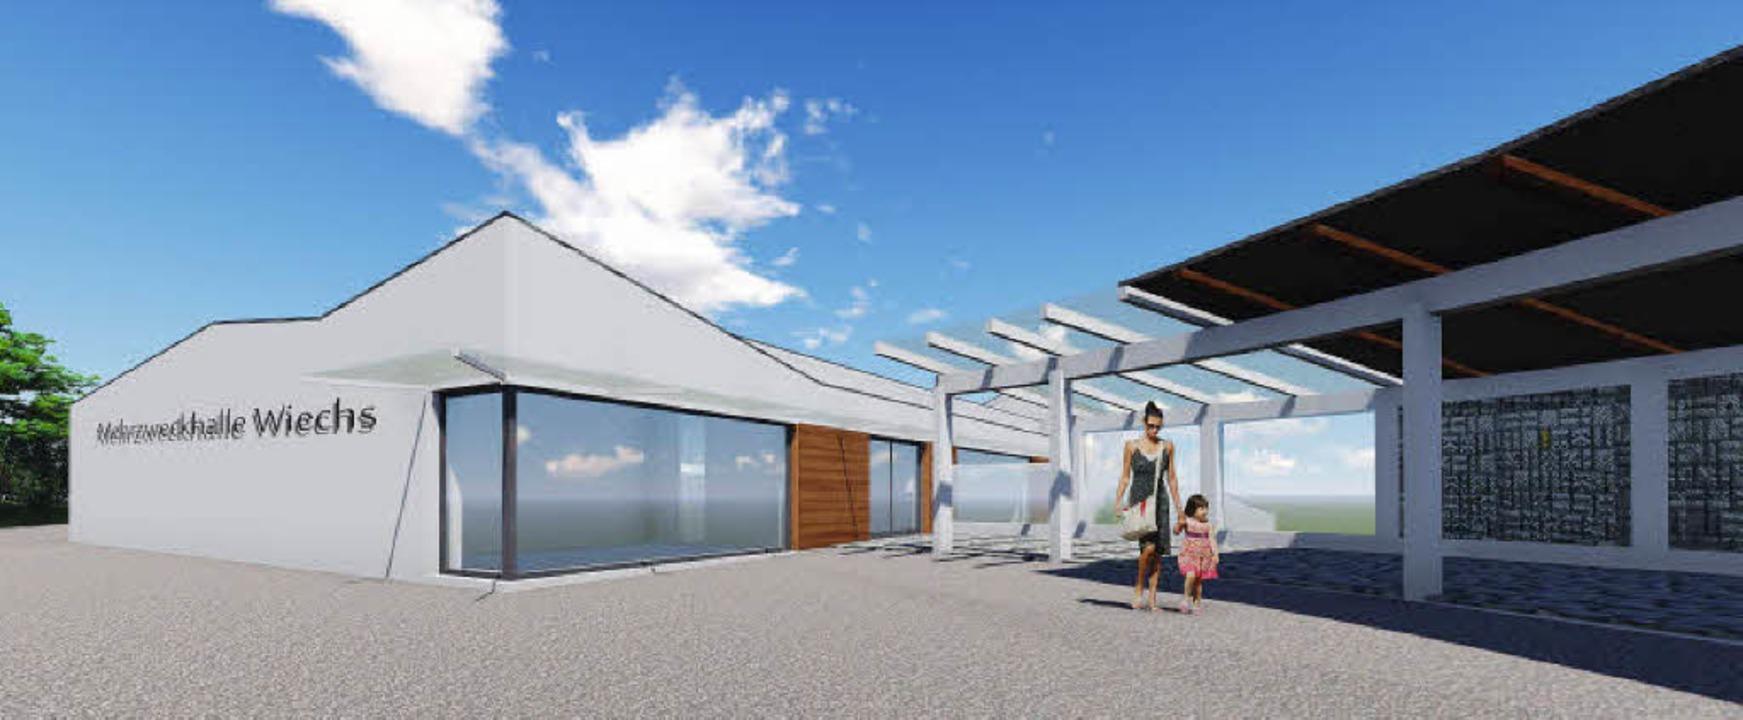 Blick in die Zukunft? So könnte die neue Halle aussehen.     Foto: Architekturbüro Herzog